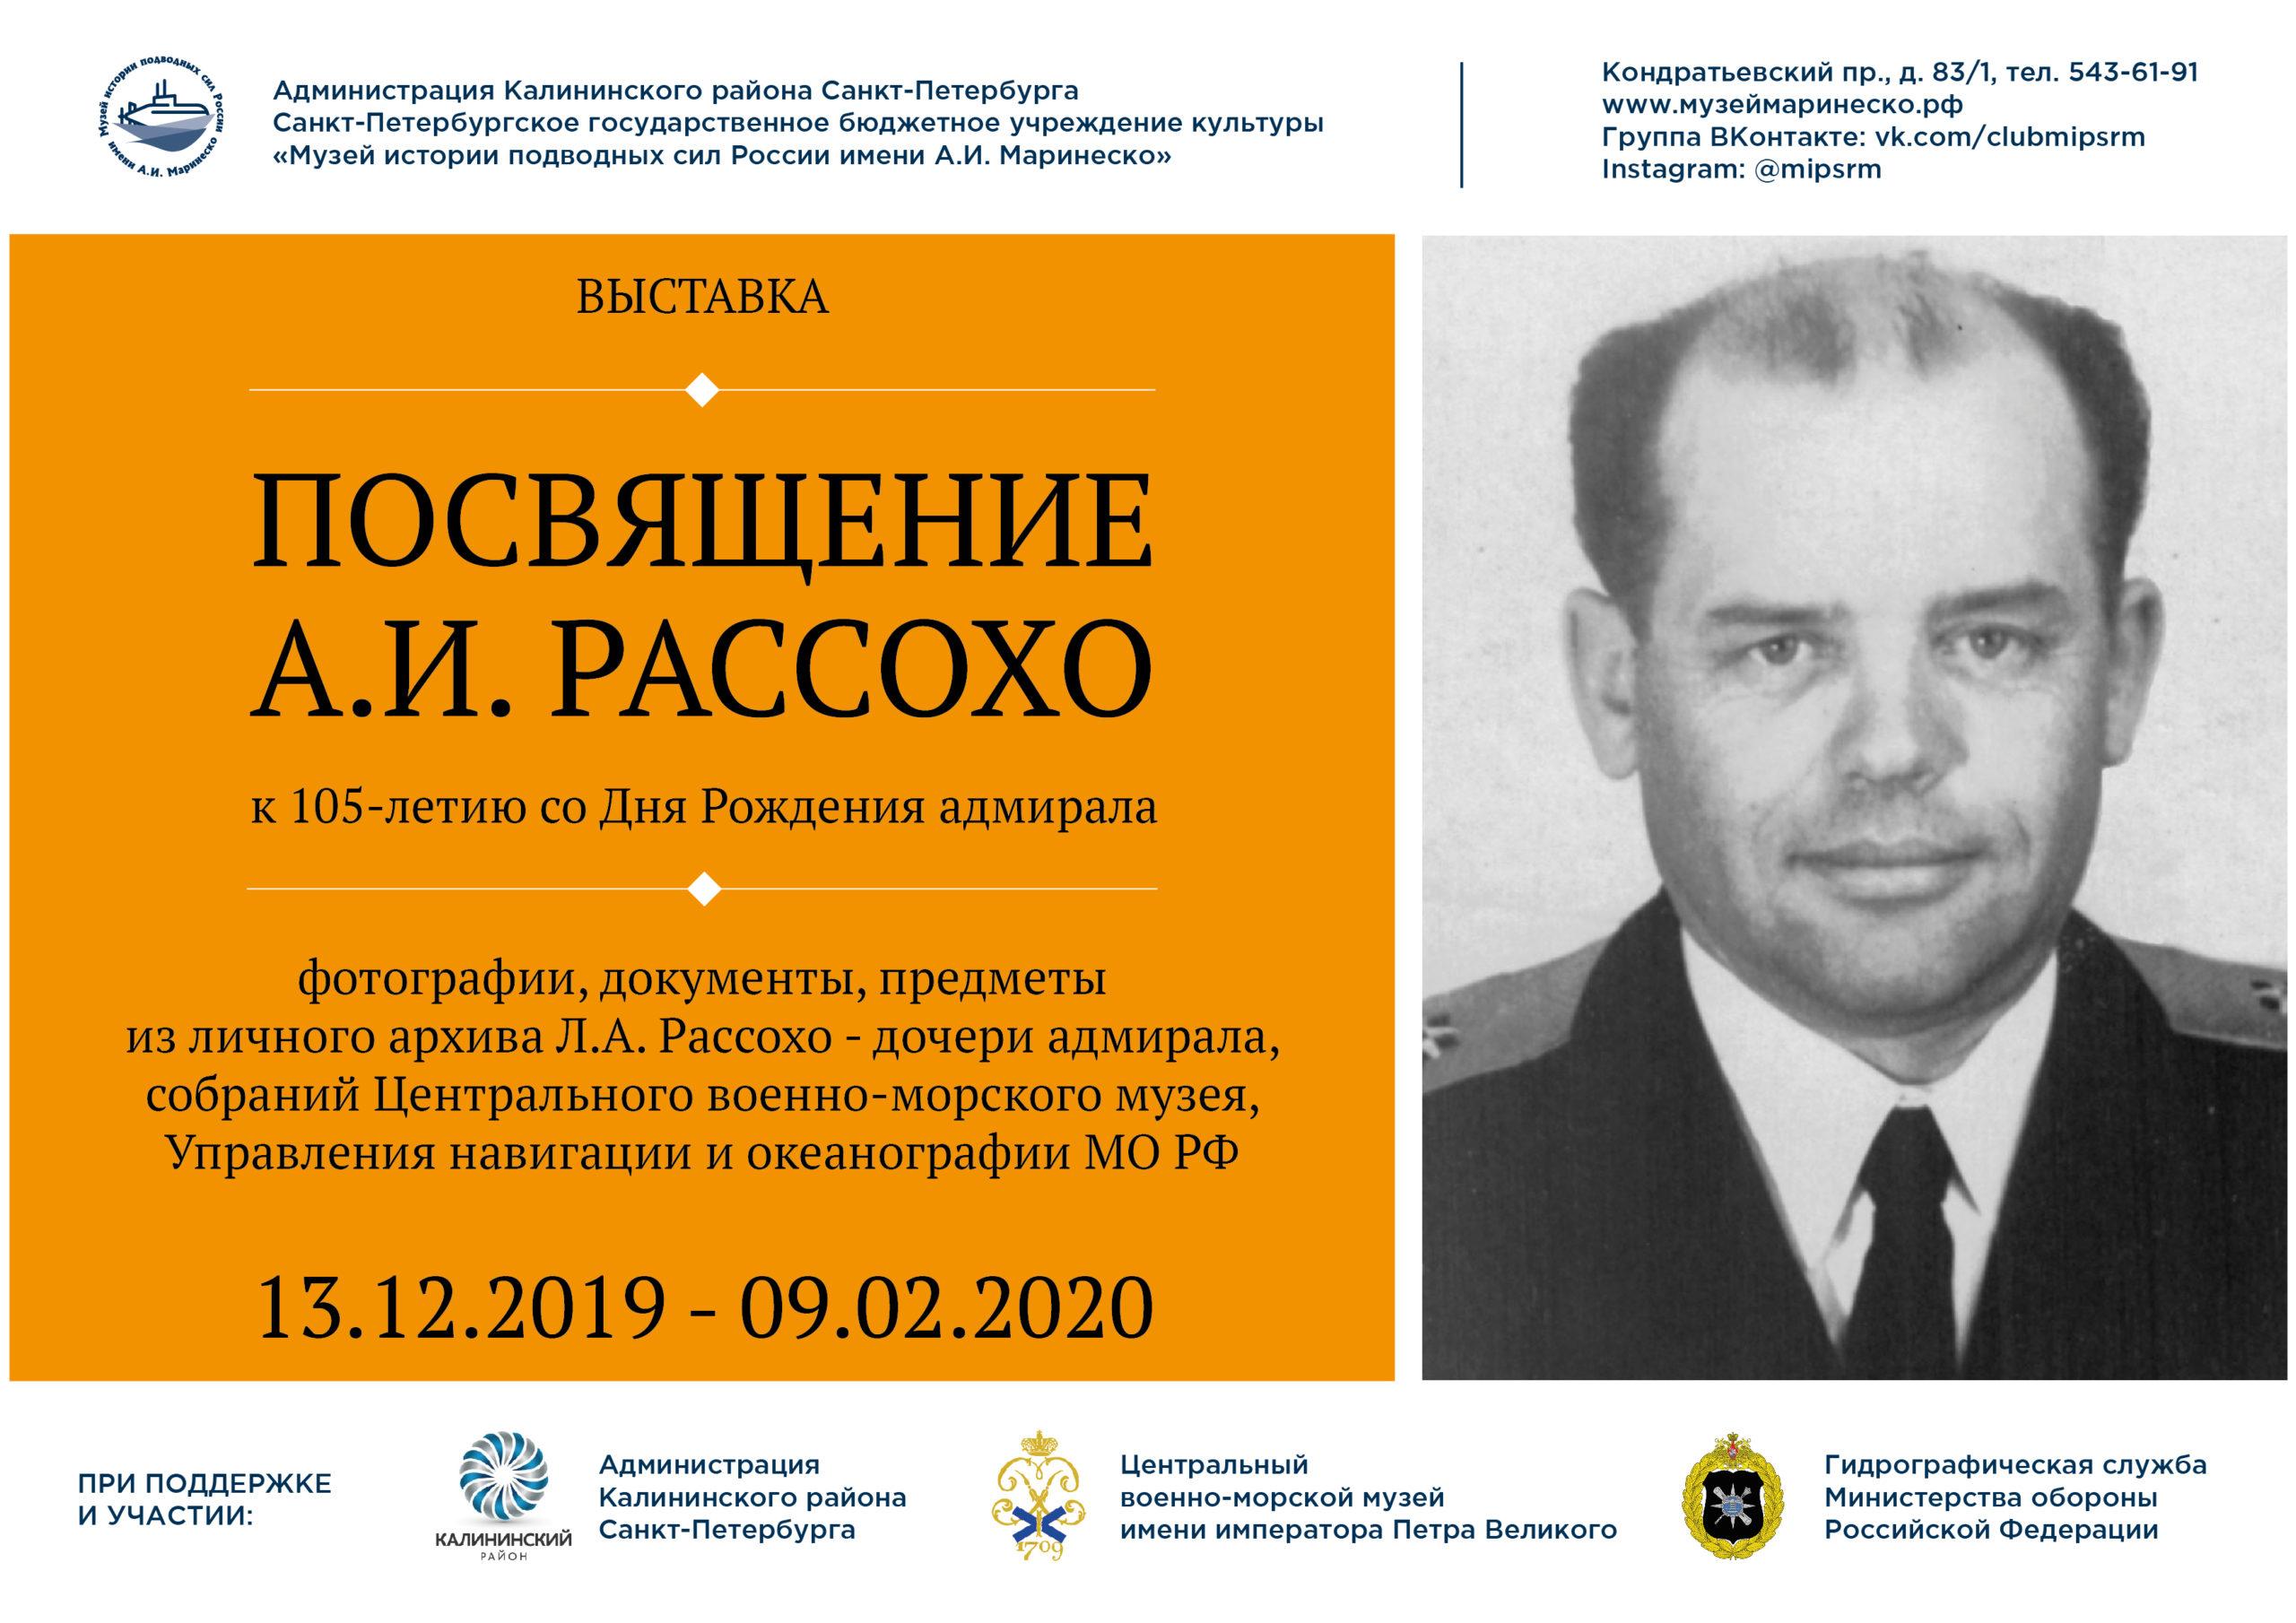 Посвящение А.И. Рассохо. К 105-летию со Дня Рождения адмирала